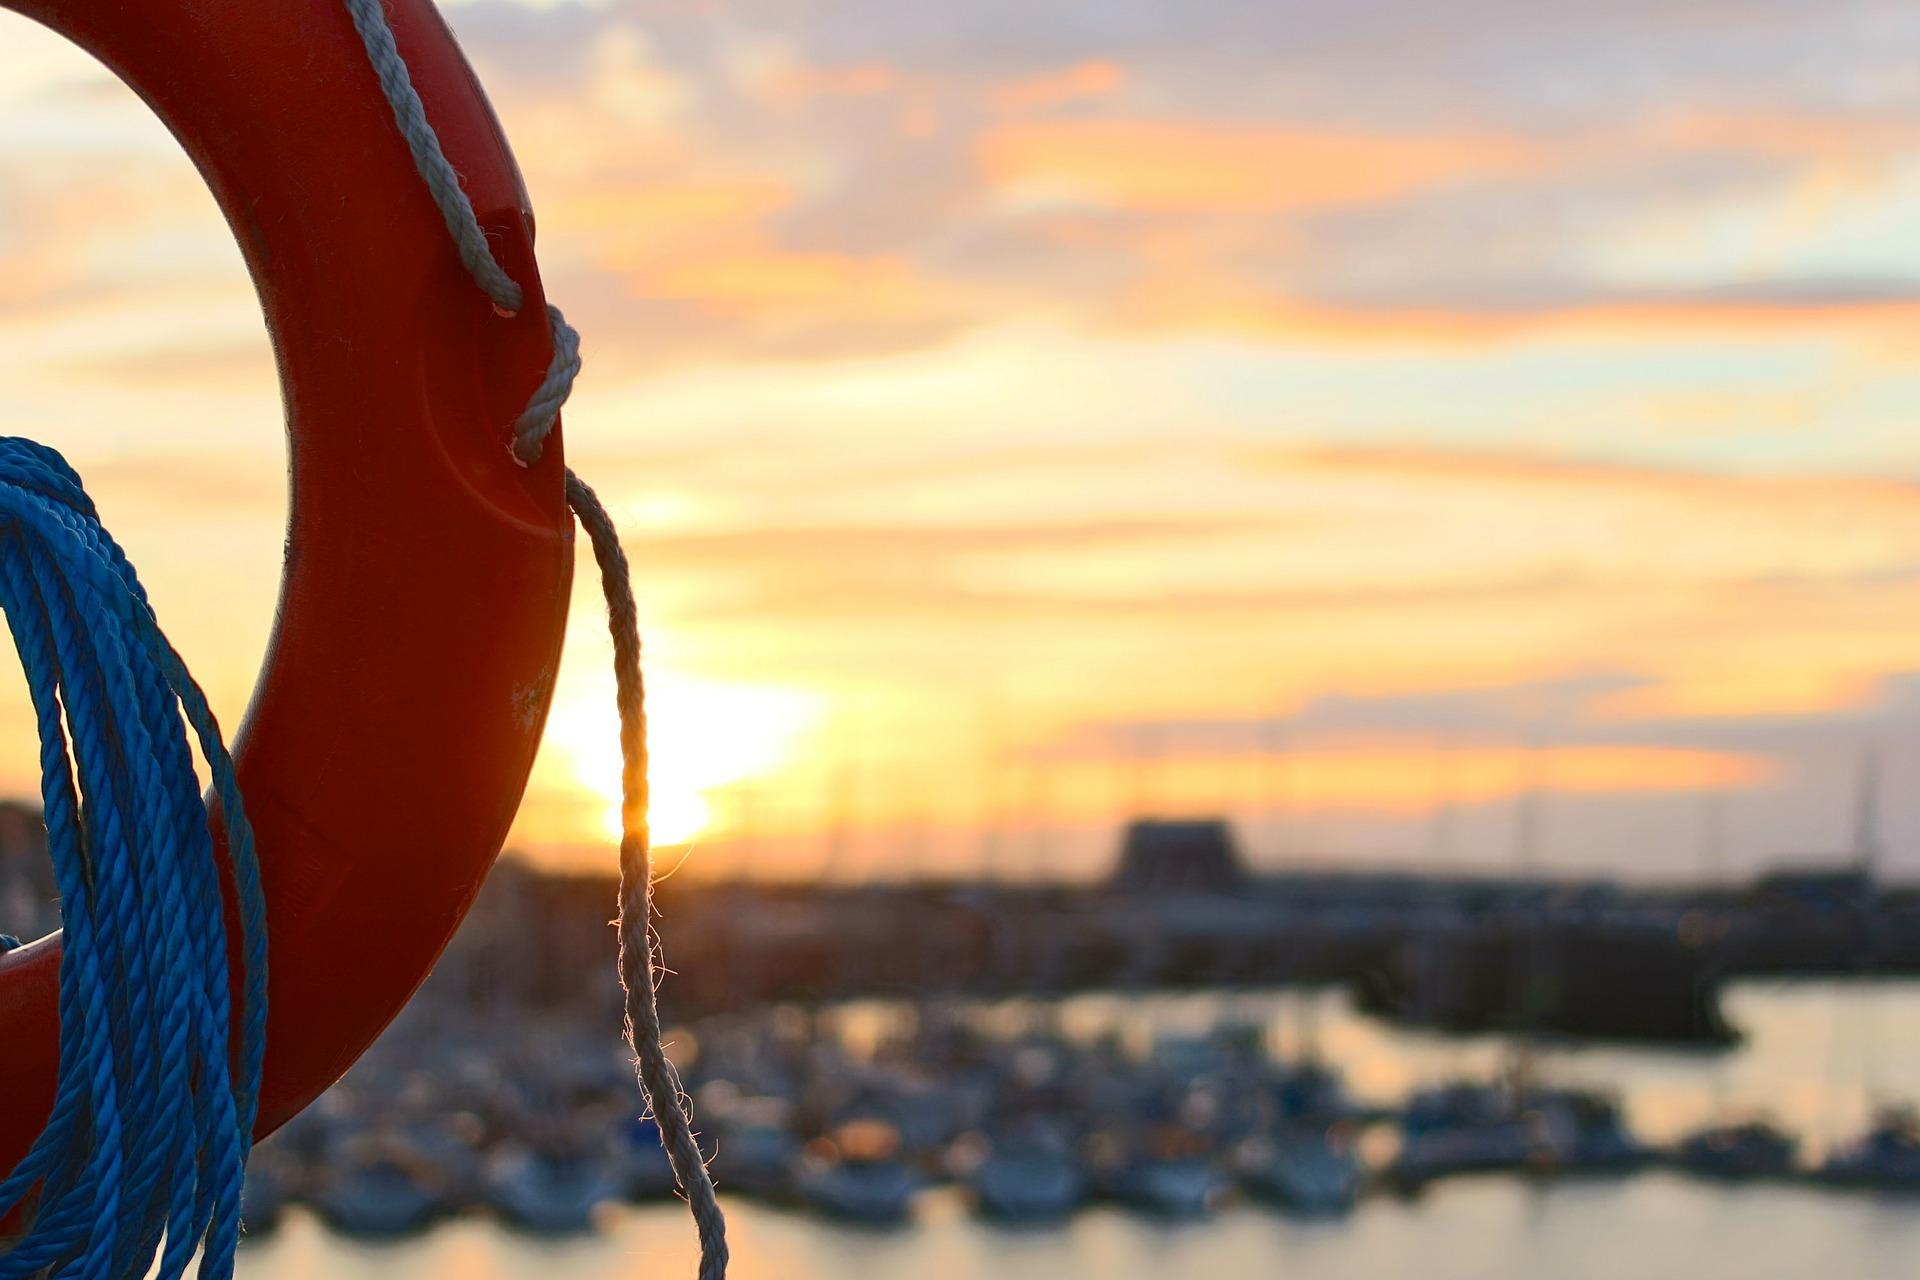 В Крыму сотрудники МЧС за сутки спасли 45 человек в море